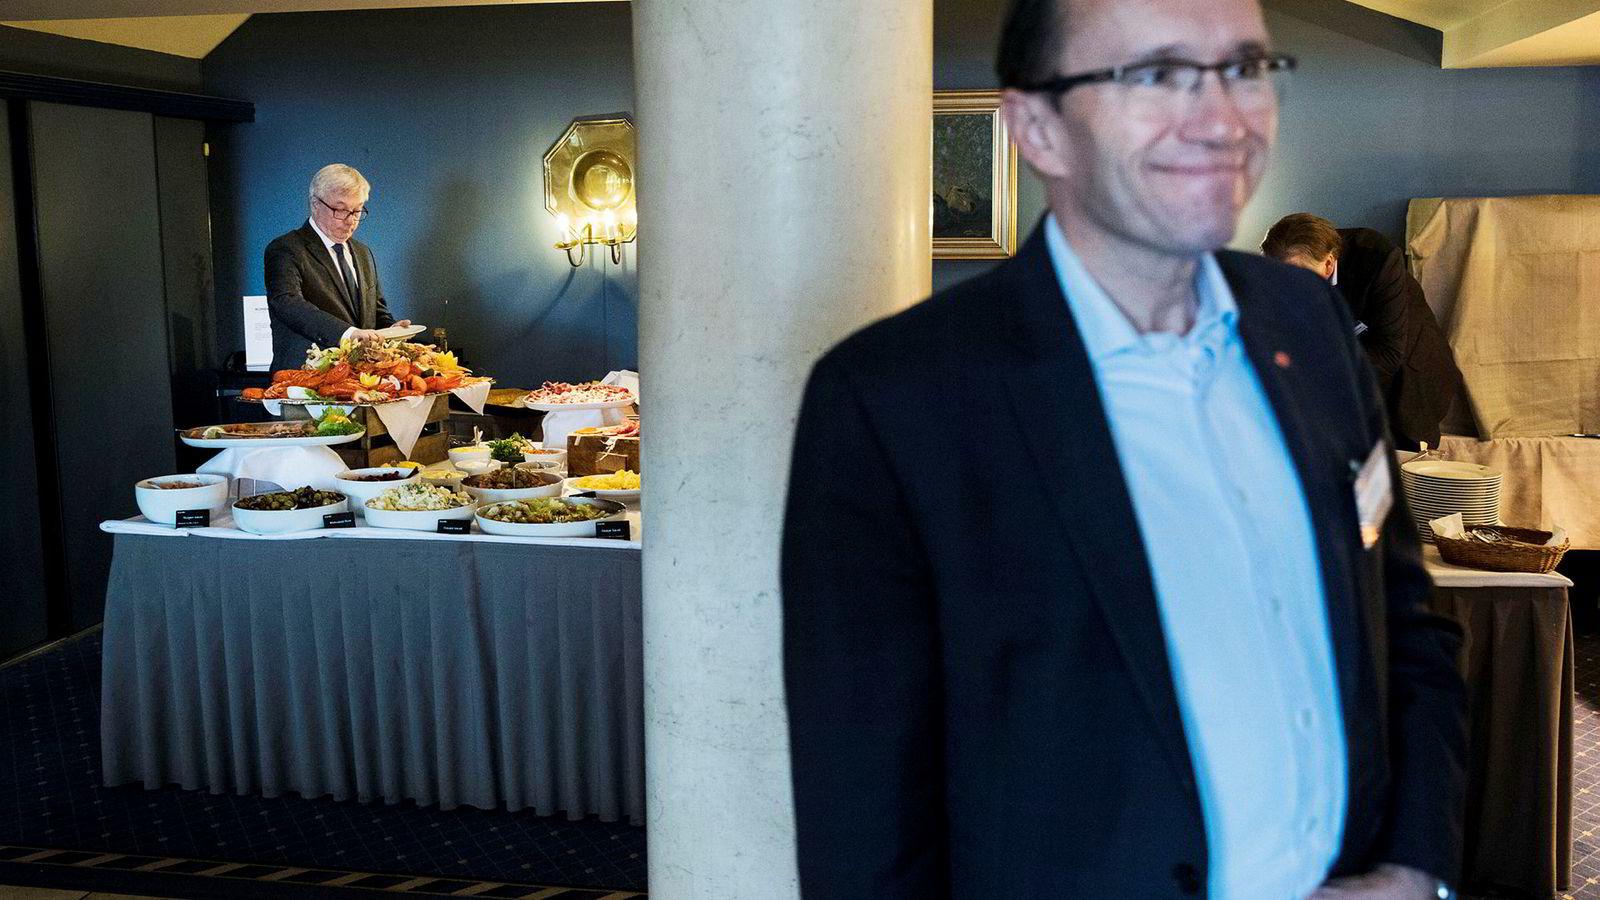 – Dette var svært overraskende. Det er i strid med det Ap har sagt, og sår alvorlig usikkerhet, sier administrerende direktør Karl Eirik Schjøtt-Pedersen i Norsk olje og gass. Her forsyner han seg under en pause på oljekonferansen i Sandefjord 2017. Espen Barth Eide i forgrunnen.